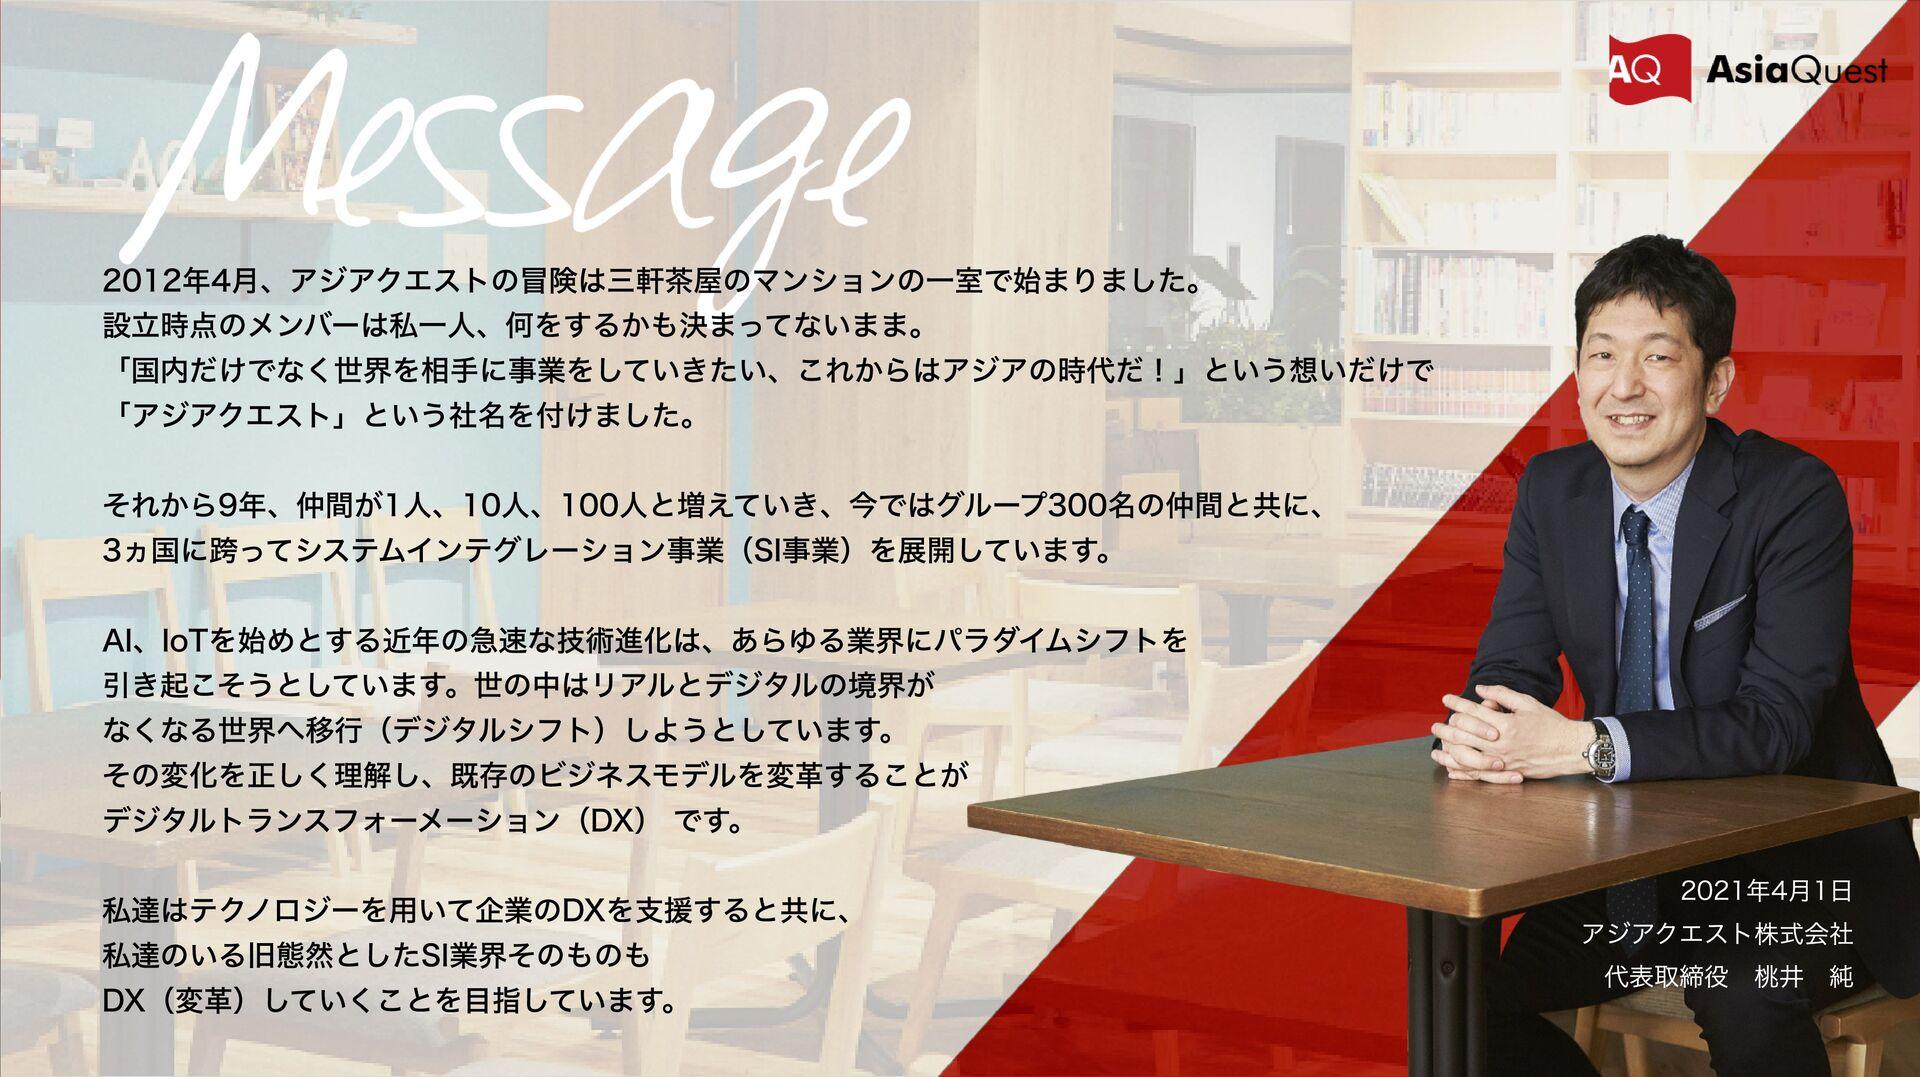 2019年10⽉1⽇ アジアクエスト株式会社 代表取締役桃井 純 2012年4⽉、アジアクエ...